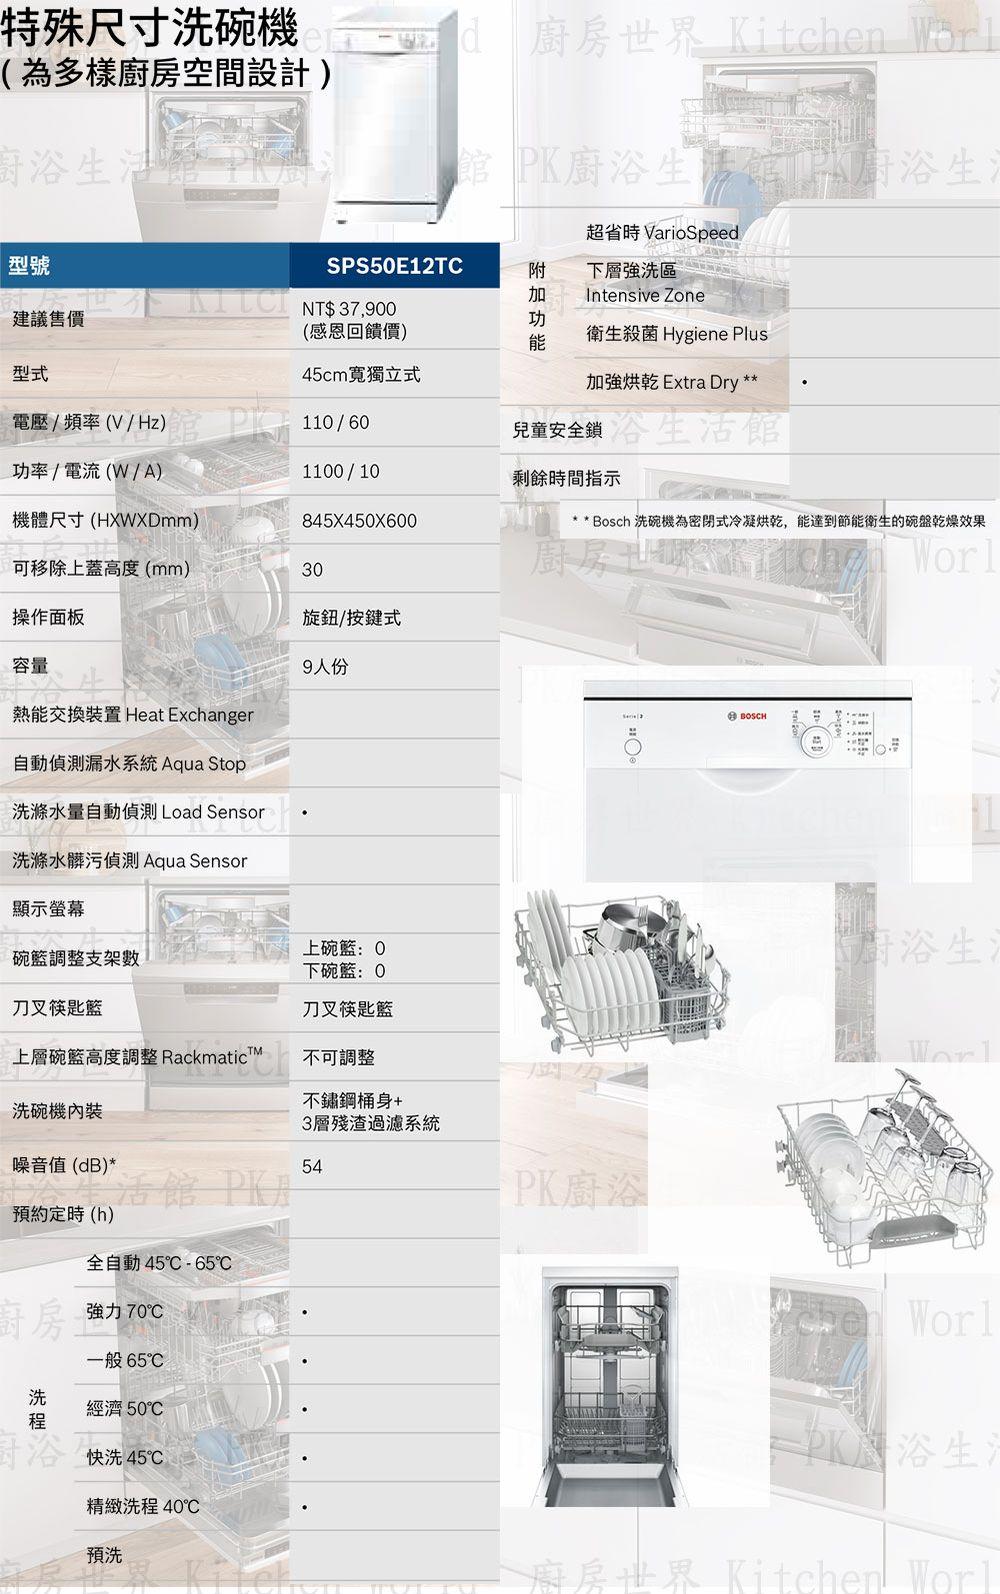 PK/goods/BOSCH/DishWasher/SPS50E12TC-DM-1.jpg